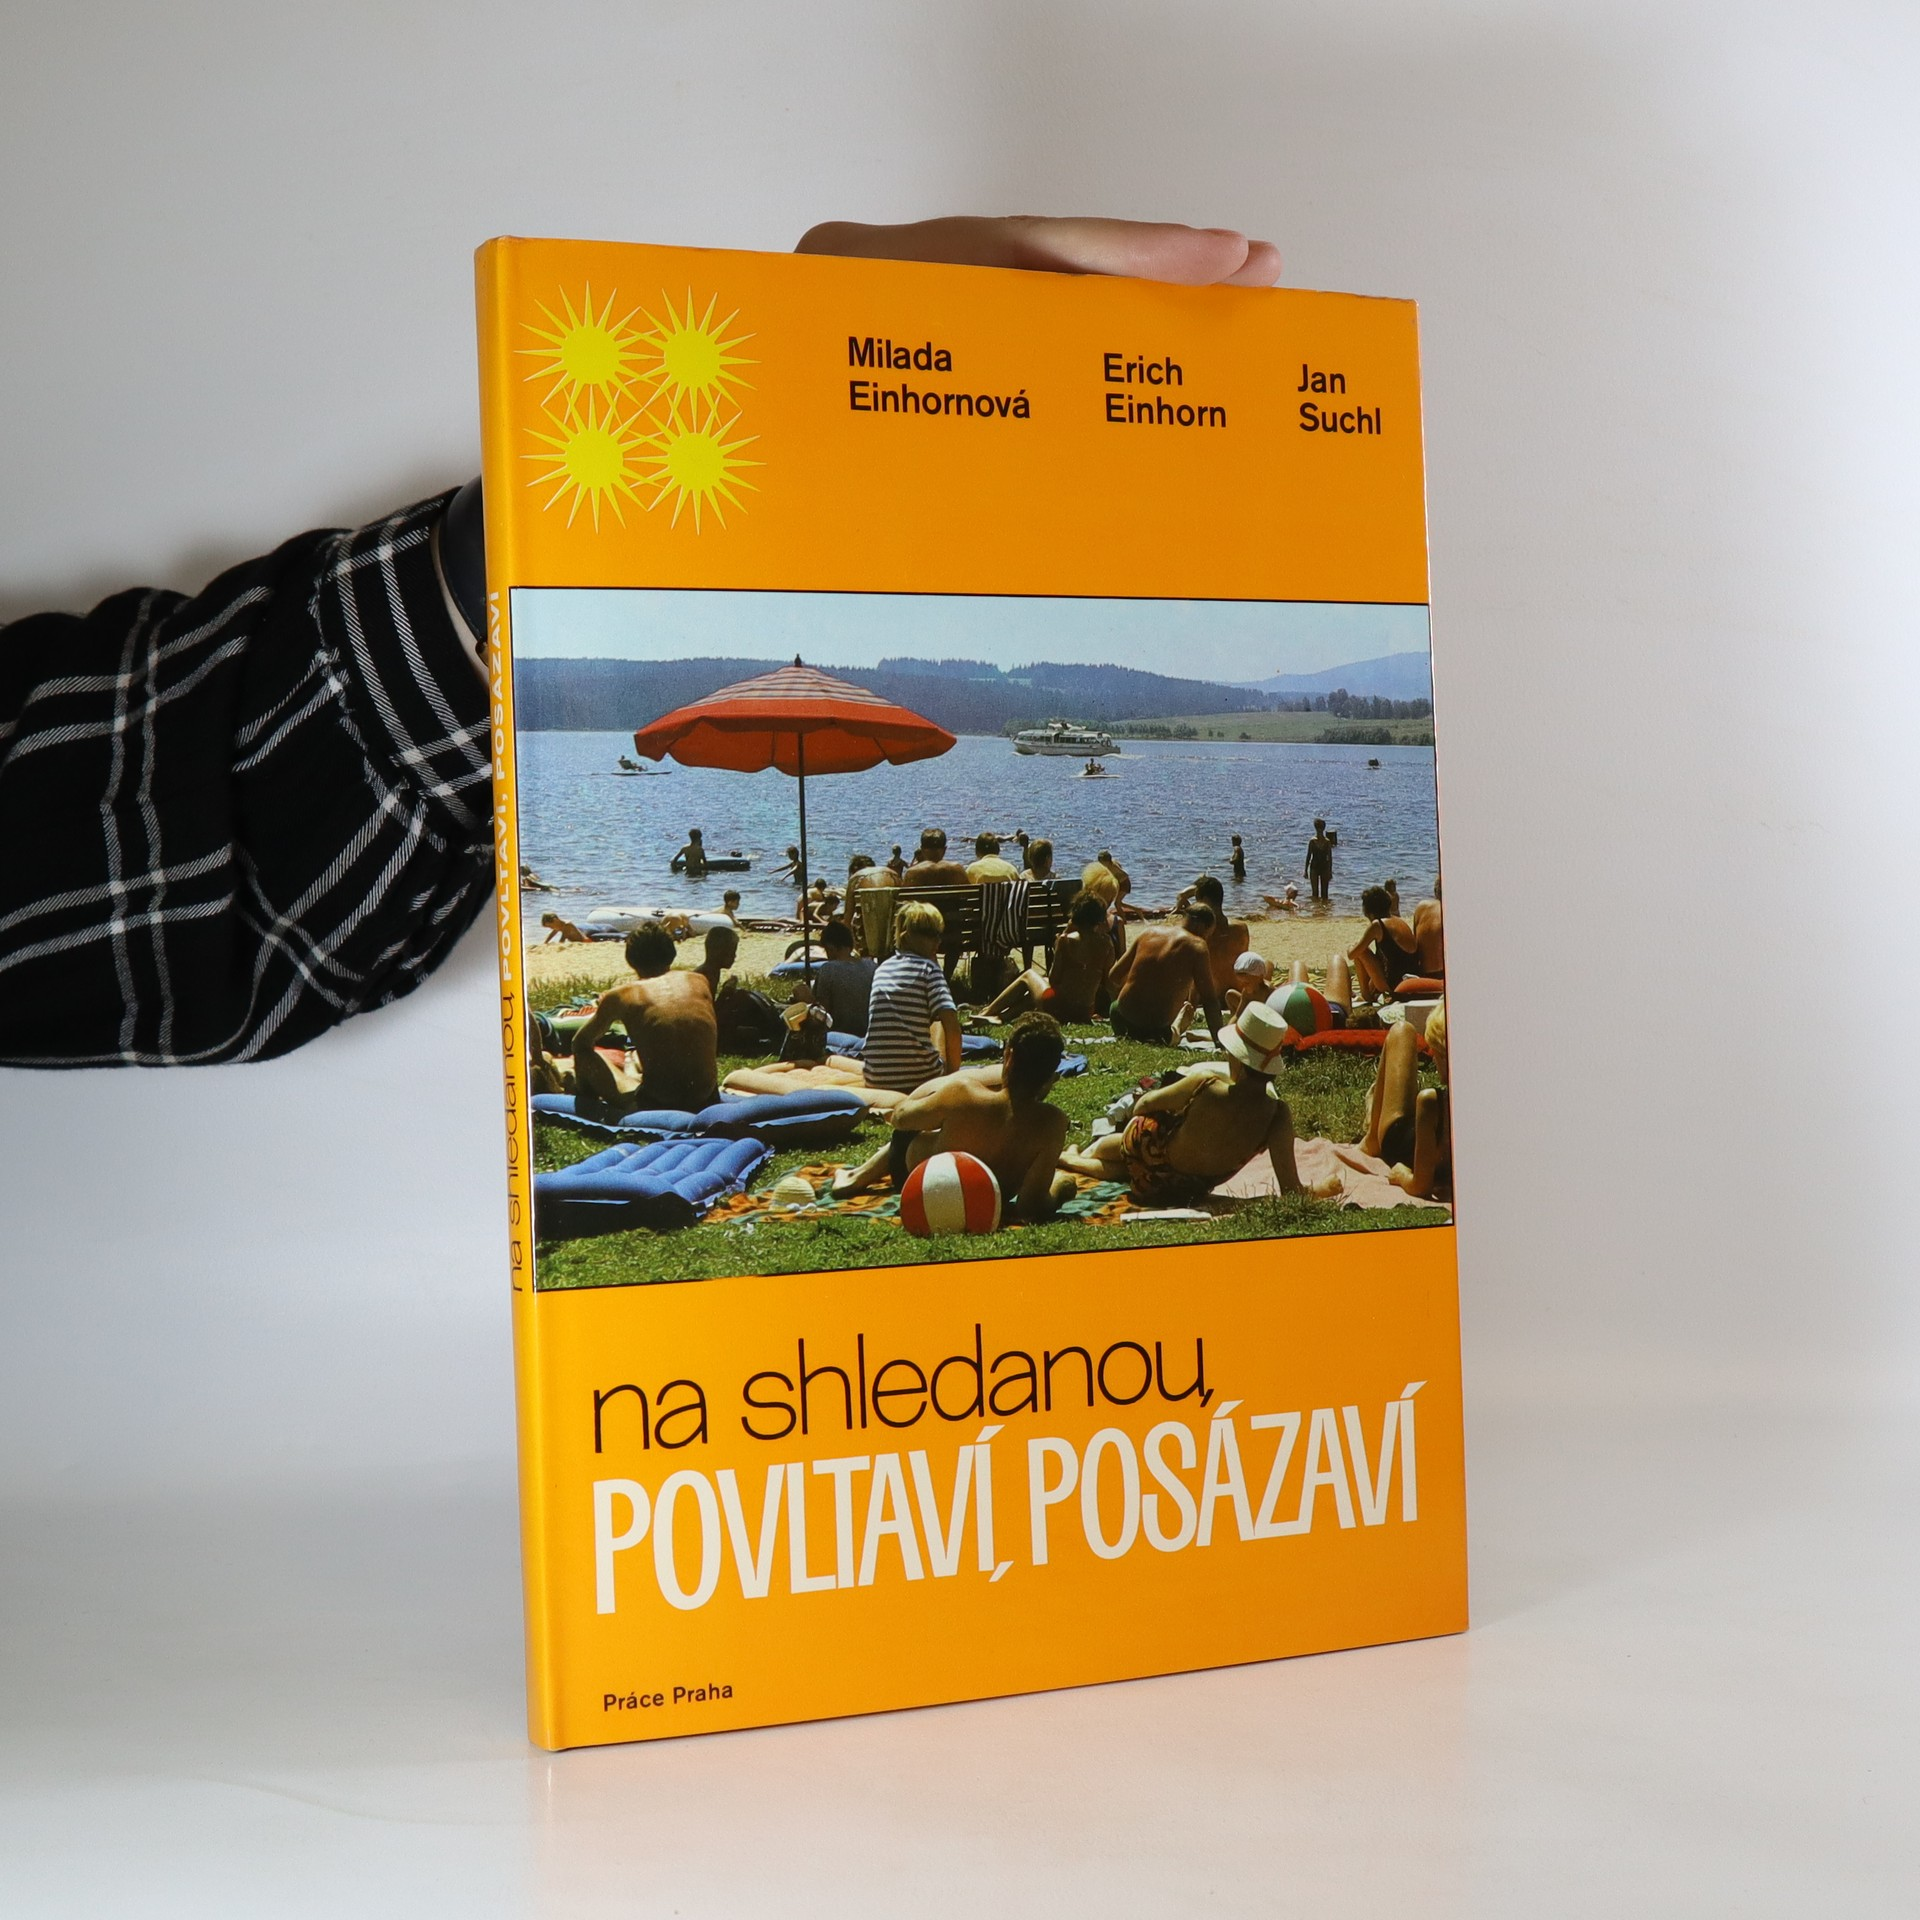 antikvární kniha Na shledanou Povltaví, Posázaví, 1980